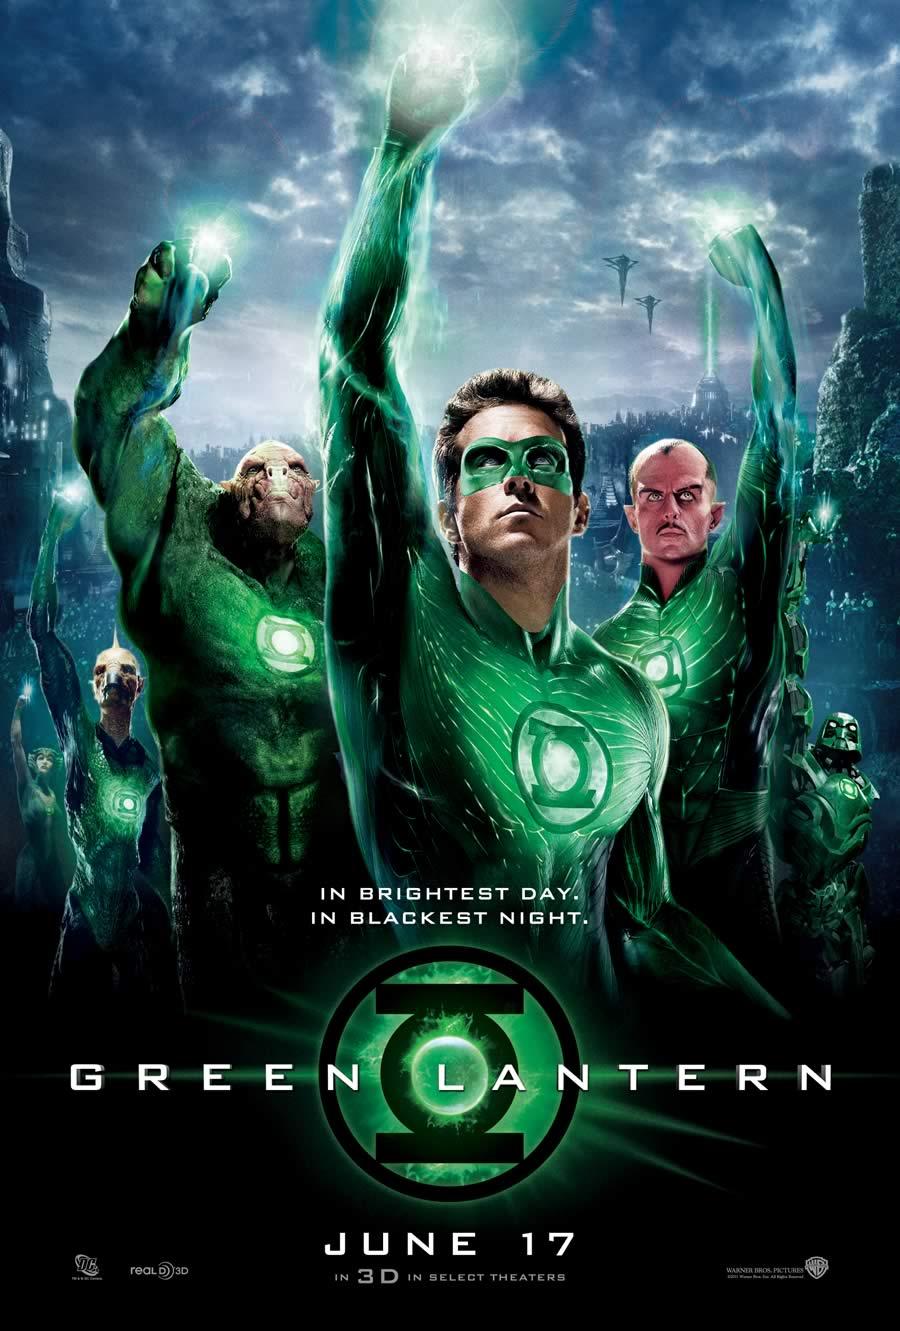 Nel giorno più splendente, nella notte più profonda, nessun malvagio sfugga alla mia ronda. E chi nel male si perde, si guardi dal mio potere: la luce di Lanterna Verde.